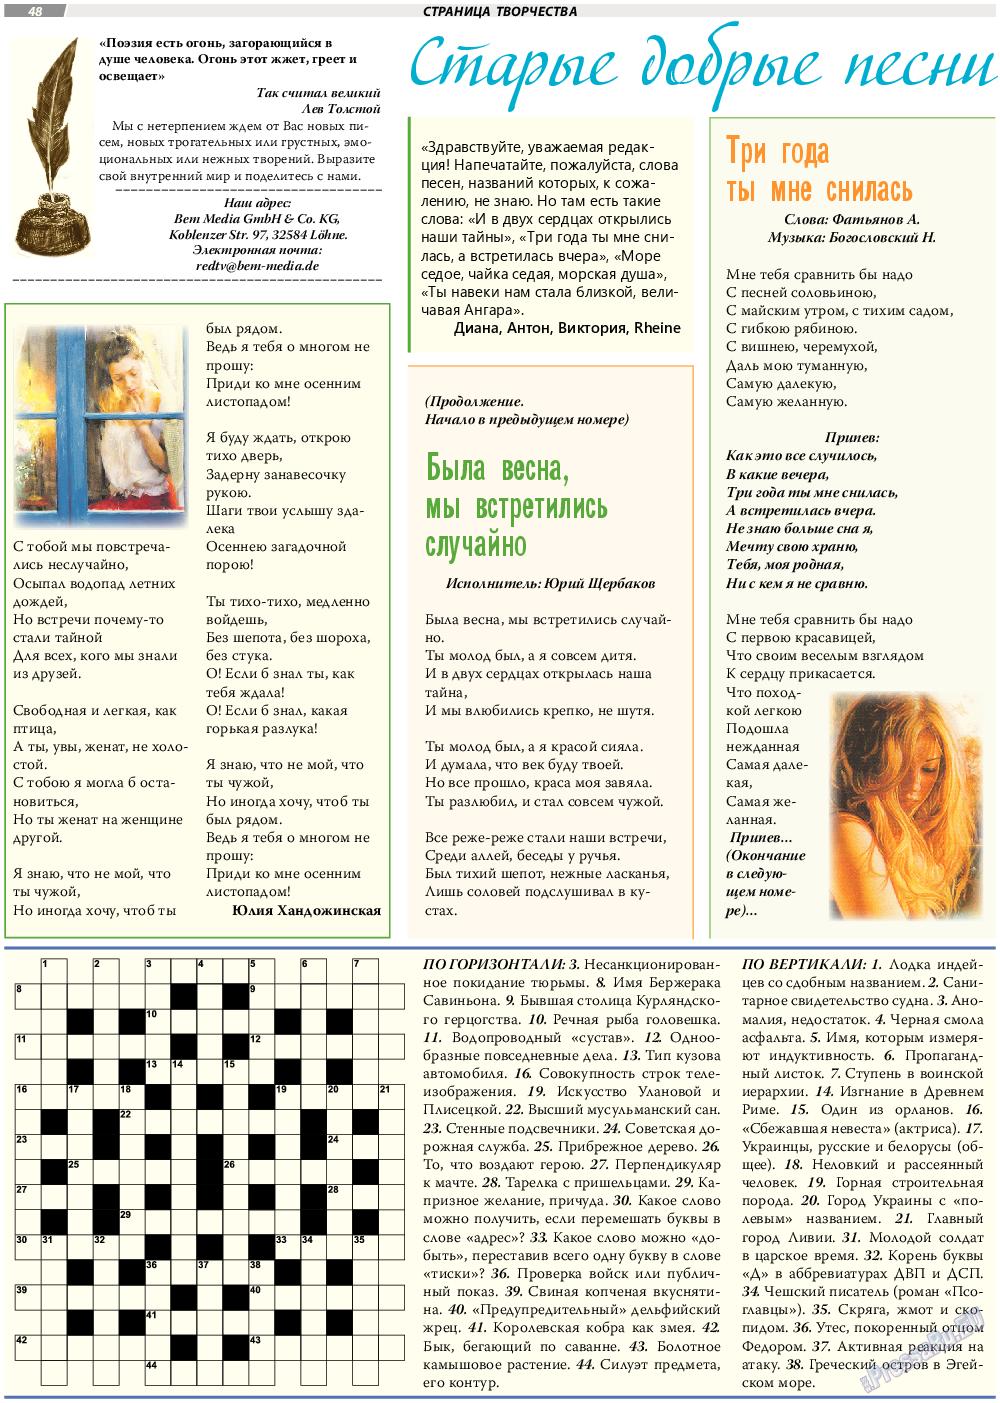 TVrus (газета). 2017 год, номер 9, стр. 48